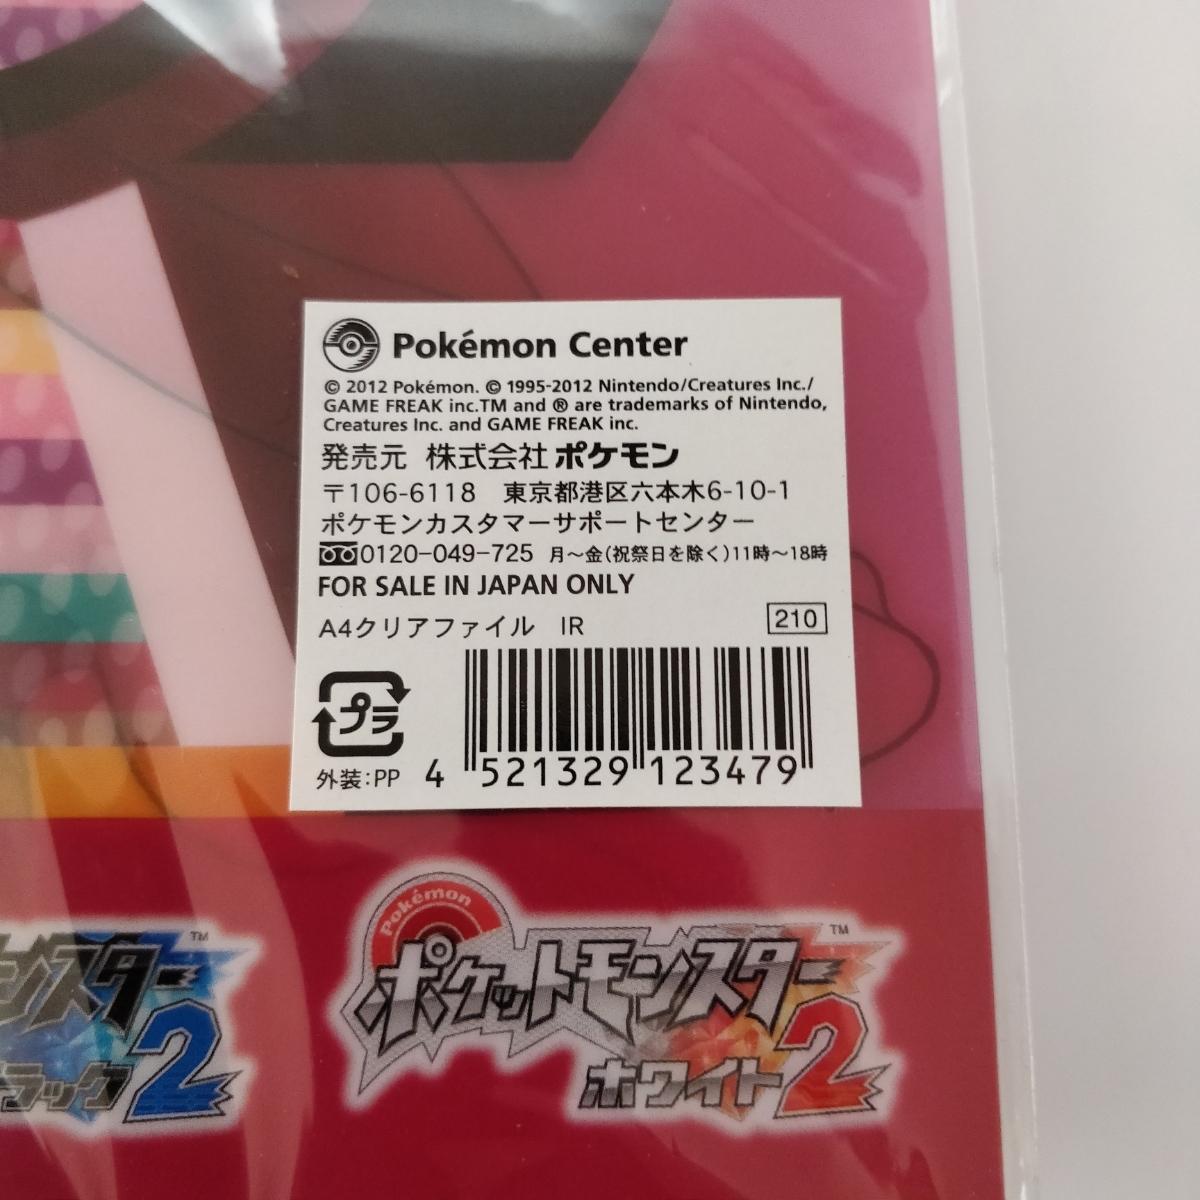 新品◆ ポケモンセンター 限定 A4 クリアファイル IR アイリス / ポケットモンスター ポケモン_画像3